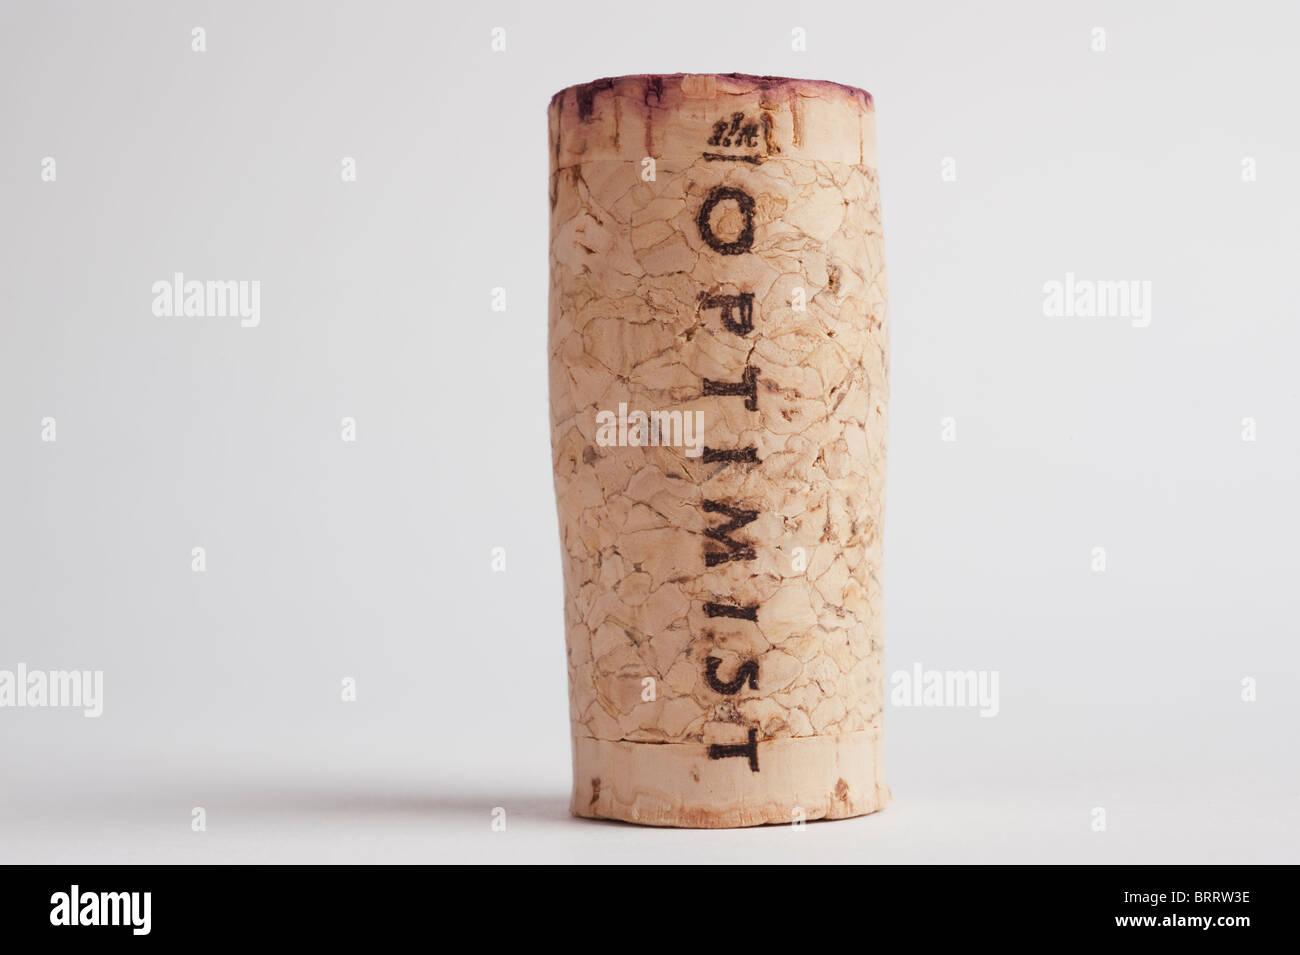 der Optimist Wein Flasche Korken auf weißem Hintergrund Stockbild